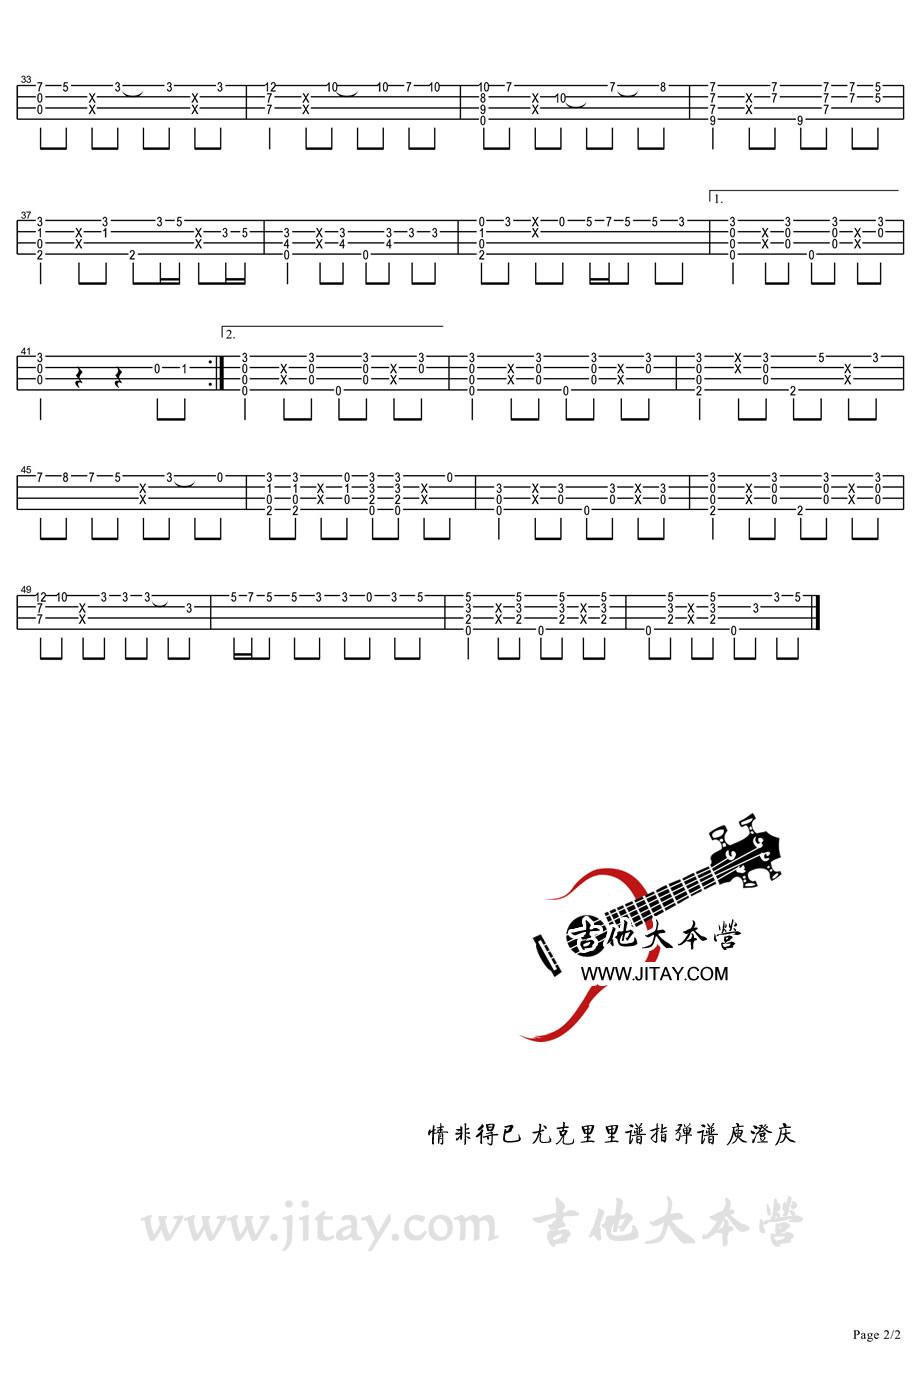 情非得已尤克里里切�_《情非得已尤克里里指弹谱-ukulele独奏谱》吉他谱